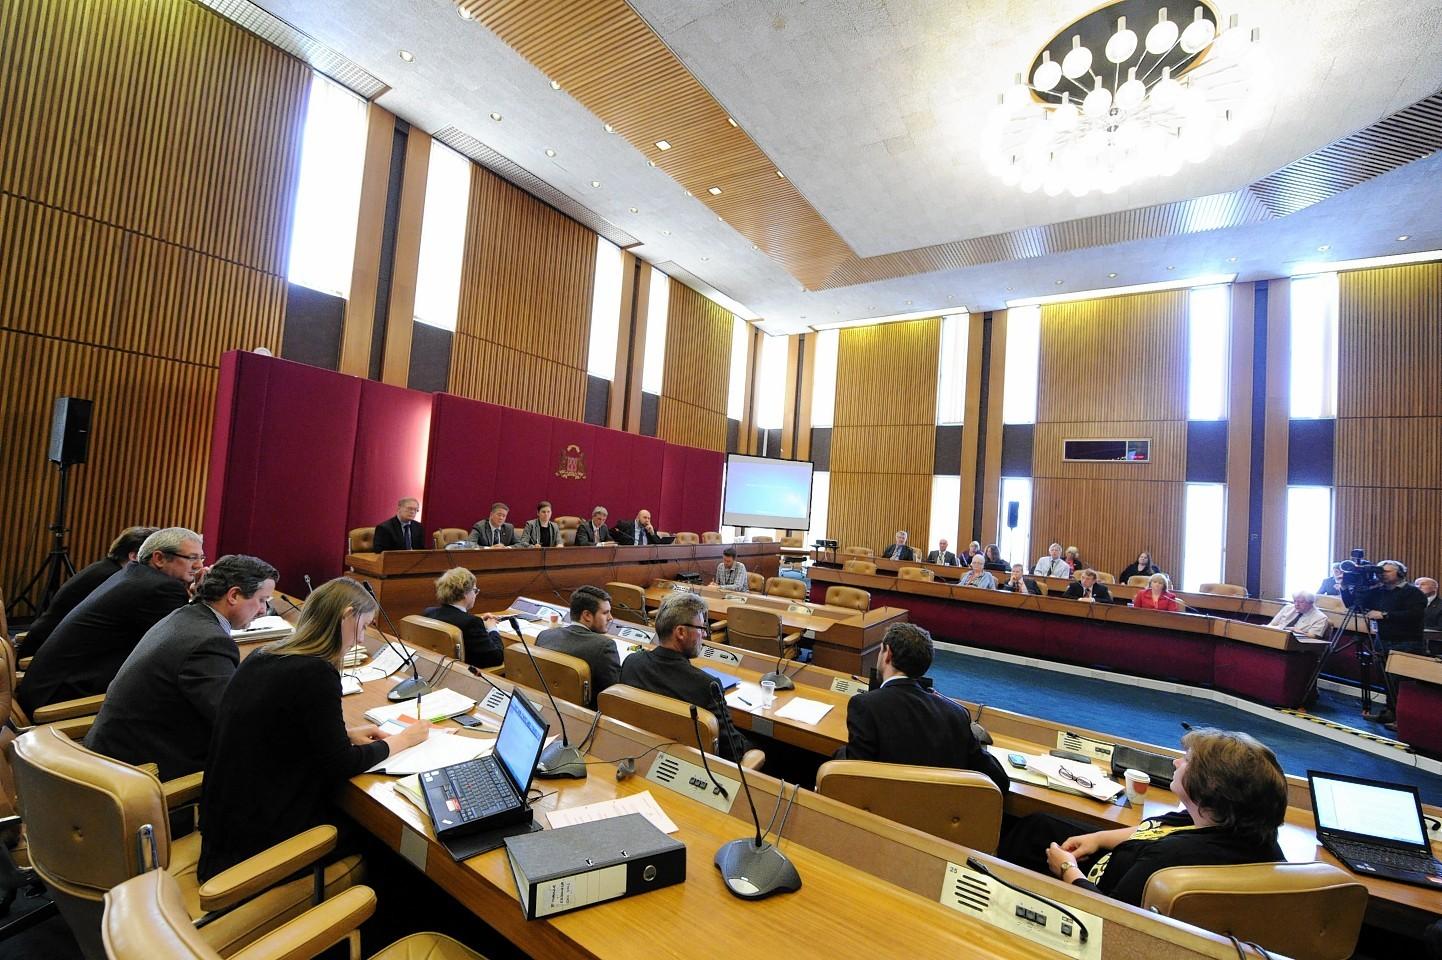 Aberdeen City Council chambers